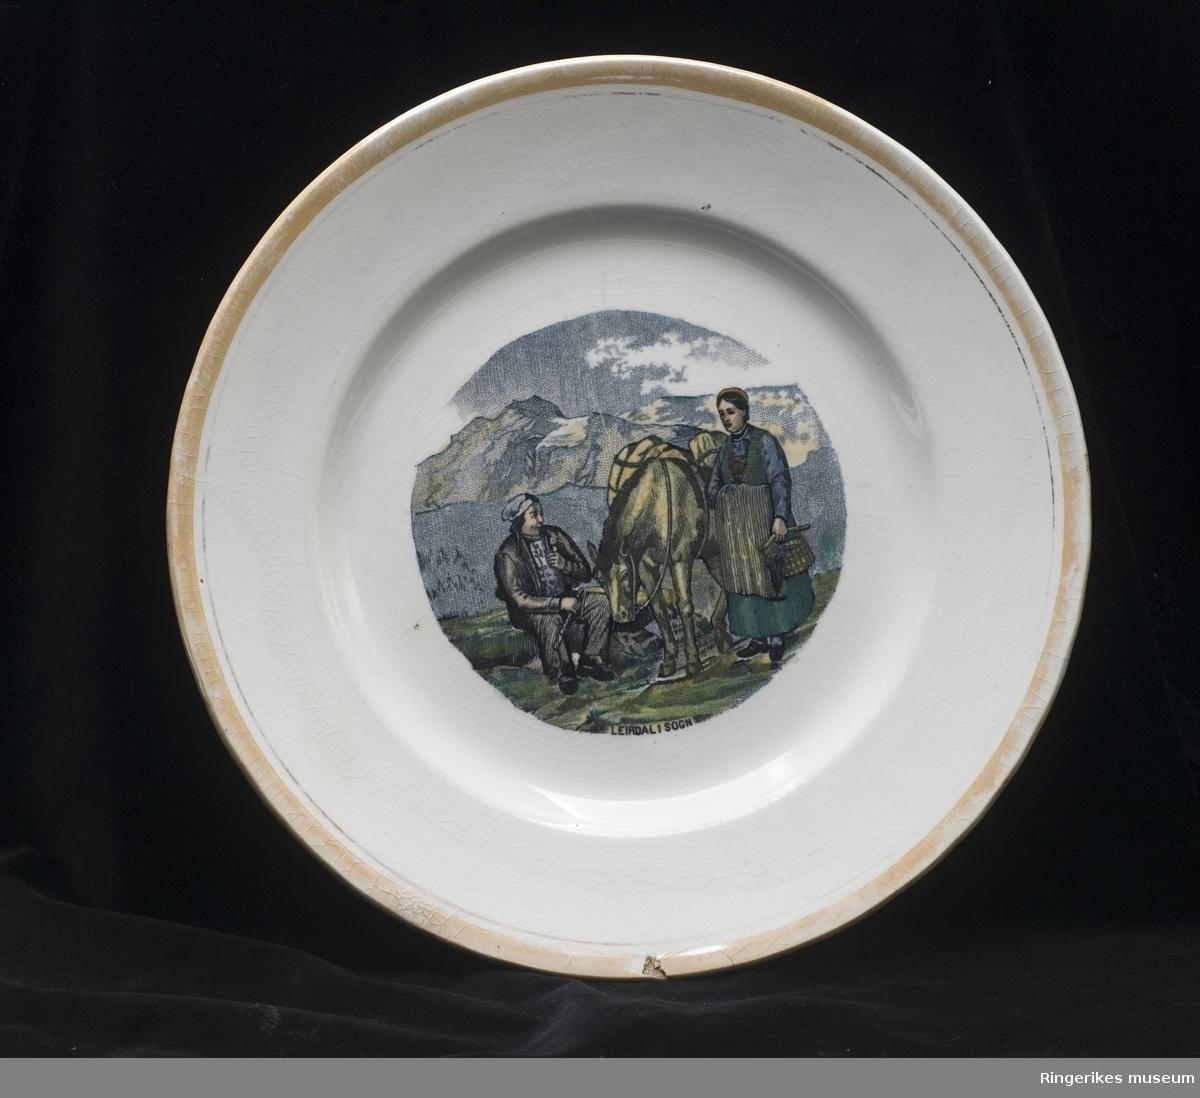 Liten tallerken med motiv  Motivet er muligens inspirert av Adolph Tiedemand  Gitt av frk. Lomsdalen, Skaugstad  Stemplet Egersund Fayanse 1867 - 1876  Motivet er merket LEIRDAL I SOGN